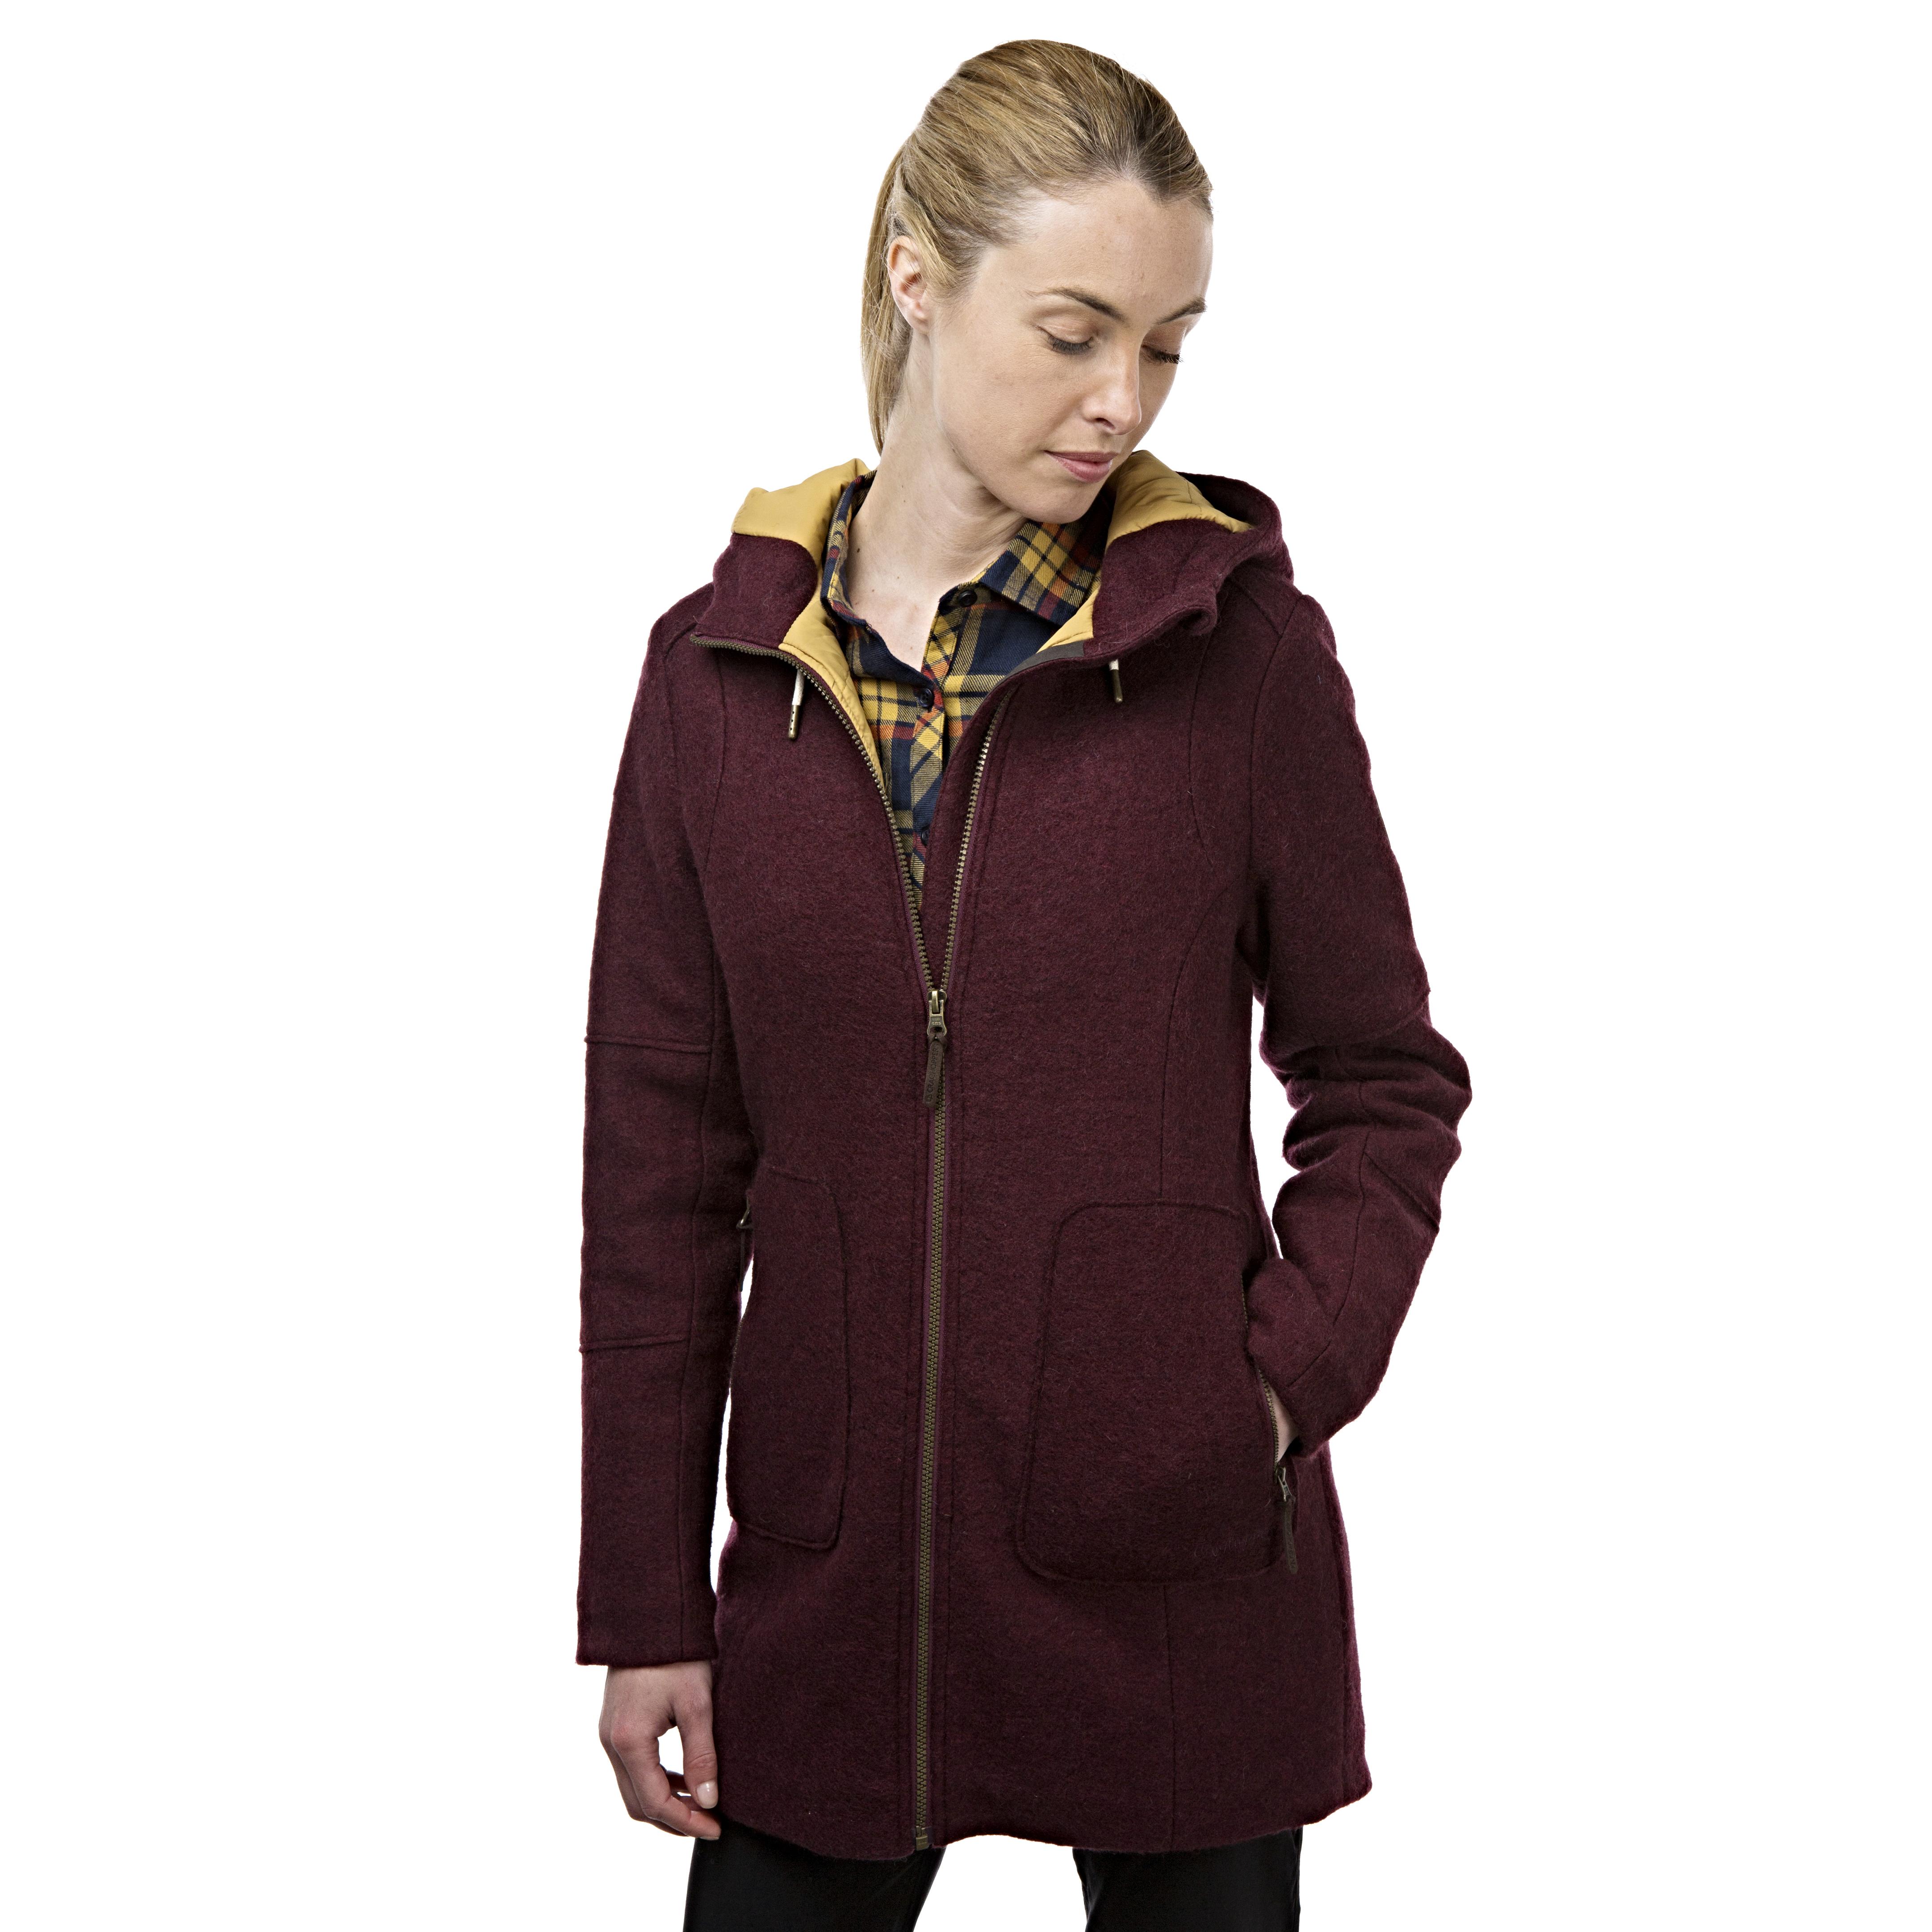 Craghoppers Ladies Hepworth Long Fleece Jacket Red | Bear Grylls ...